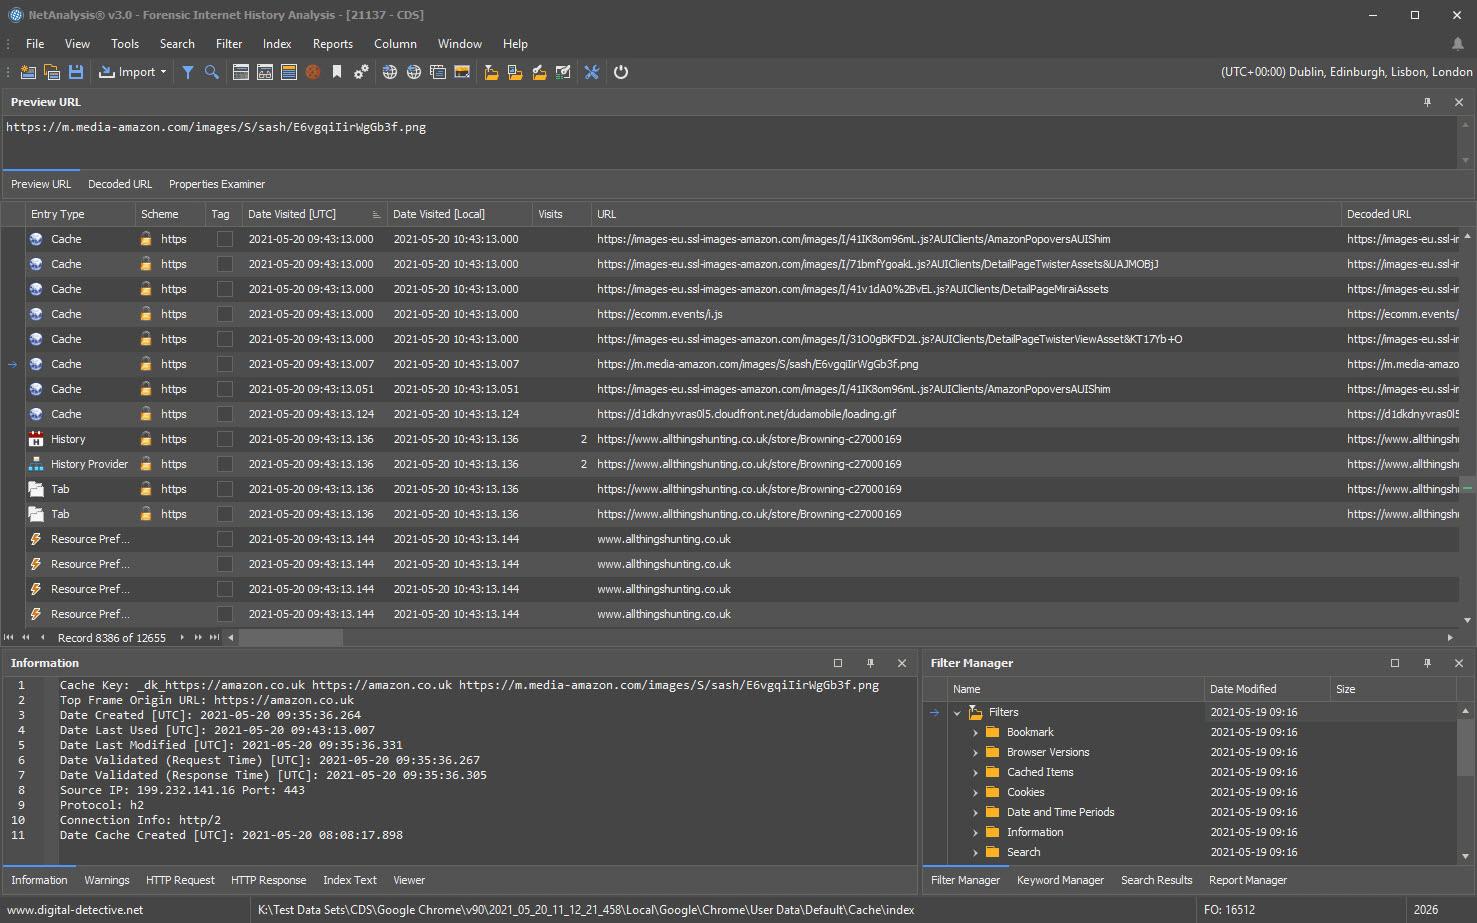 NetAnalysis Dark Theme All Panels